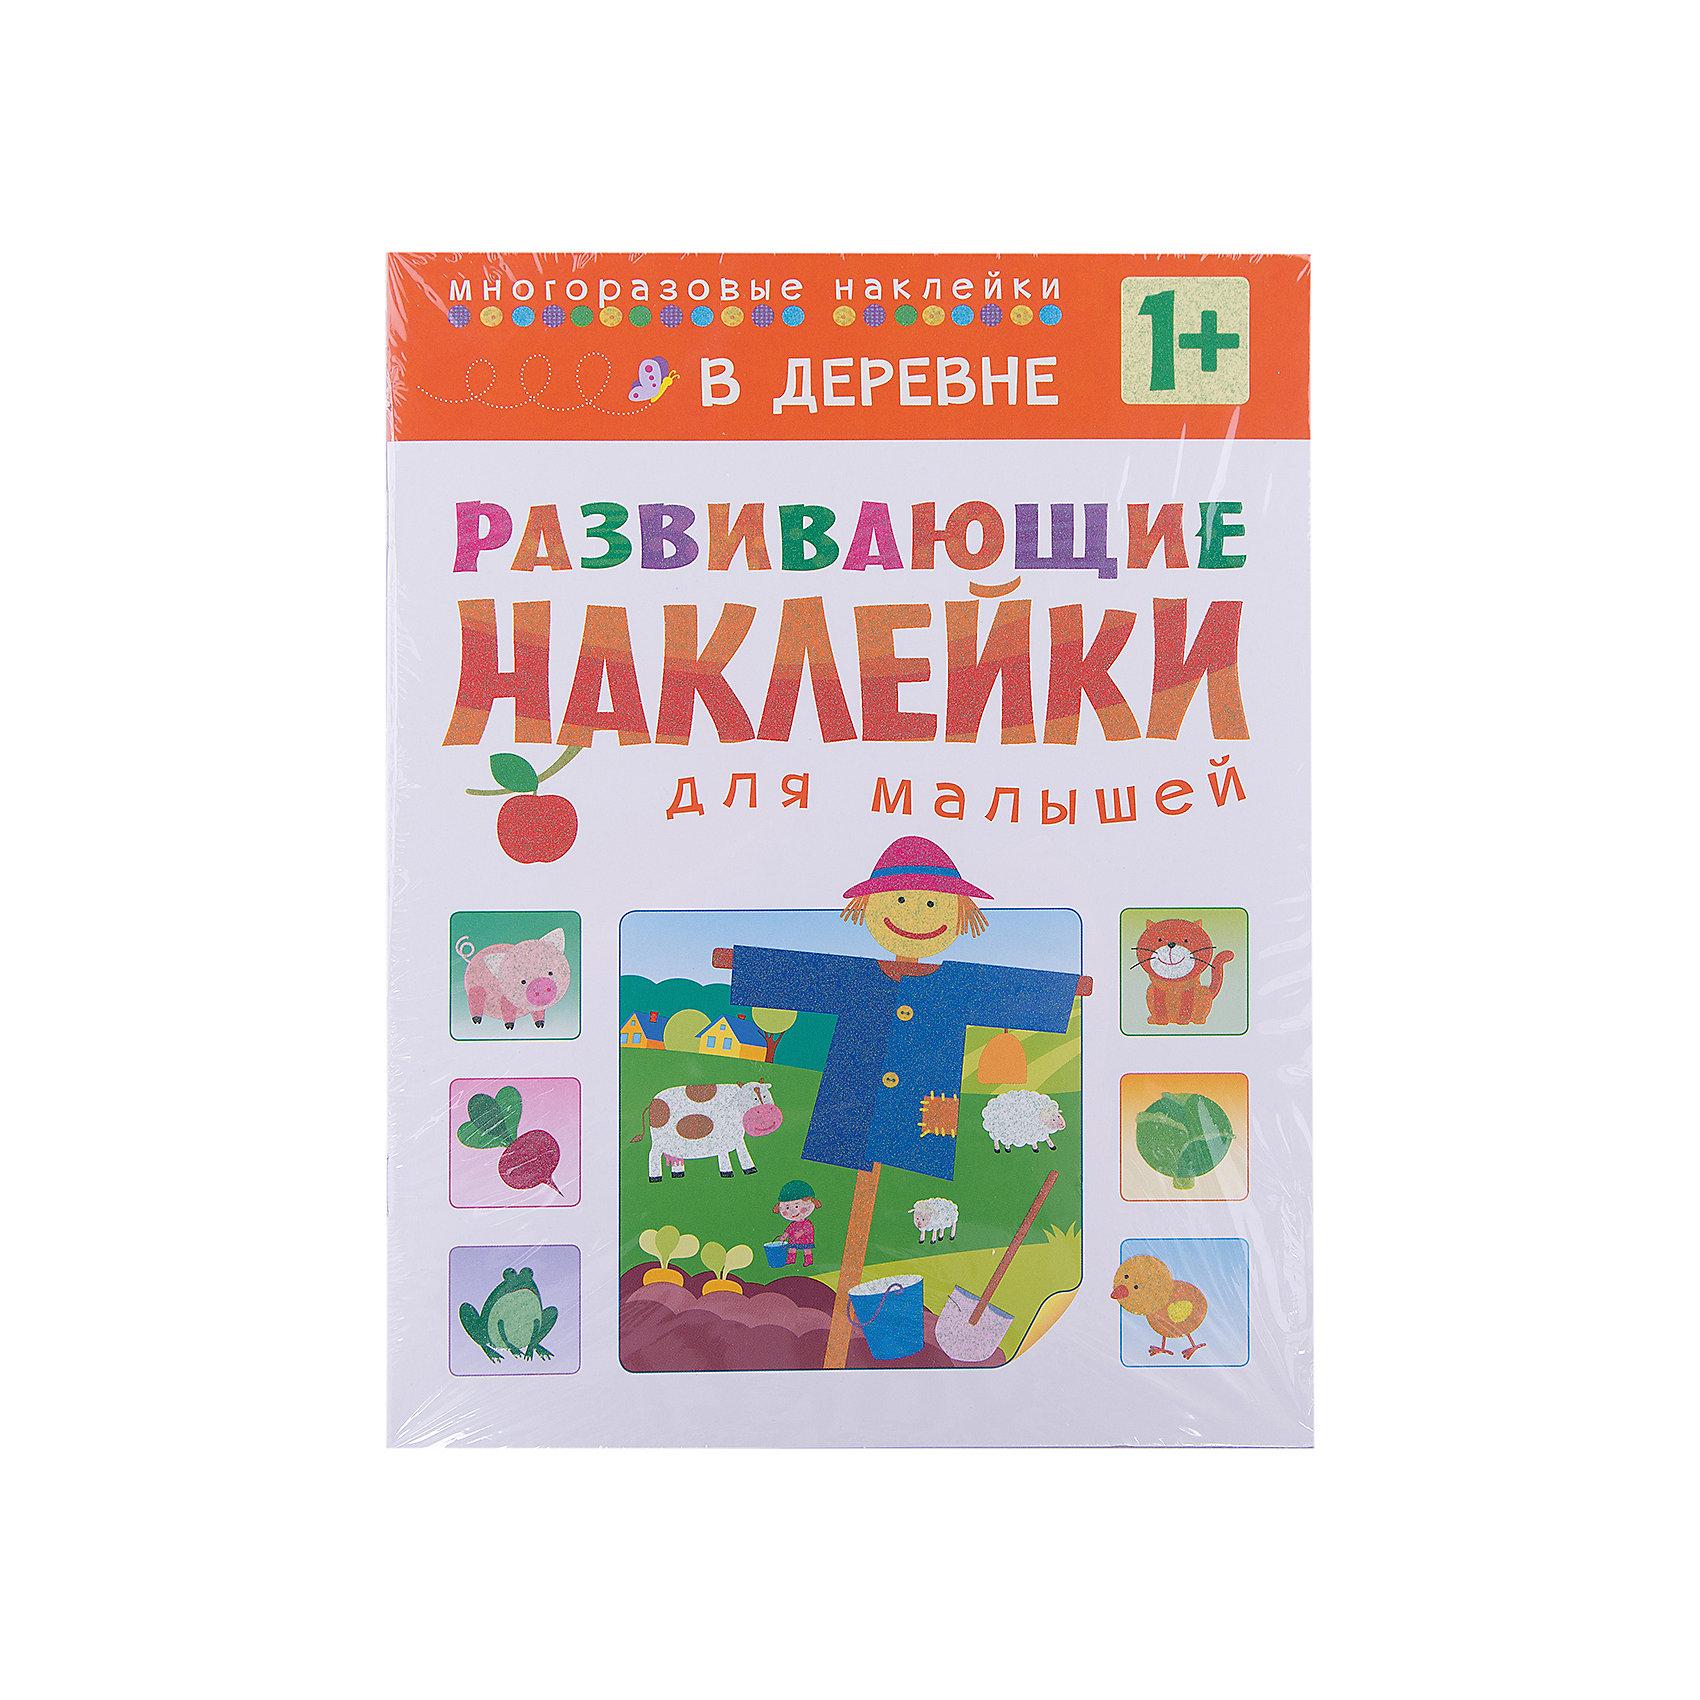 В деревне, Развивающие наклейки для малышейКнижки с наклейками<br>Характеристики развивающих наклеек для малышей В деревне:<br><br>• возраст: от 12 месяцев<br>• пол: для мальчиков и девочек<br>• материал: бумага<br>• количество страниц:12<br>• размеры: 19.5x25.5х0,1 см.<br>• масса: 65 гр.<br>• автор: Вилюнова В<br>• иллюстратор Саввушкина Т.<br>• тип обложки: мягкая.<br>• бренд: издательство Мозаика-Синтез<br>• страна обладатель бренда: Россия.<br>• страна изготовитель: Россия<br><br>Эта книжка с наклейками предназначена для самых маленьких читателей. Уже в 1 год ребенок может выполнять задания, приклеивая наклейки в нужное место. Это занятие  приносит малышу удовольствие и радость, а также способствует развитию речи, интеллекта, мелкой моторики, координации движений, умения находить и принимать решения; расширяет представления об окружающем мире. <br><br>На ярких страницах этой книги малыш встретит котенка, щенка, жеребенка, теленка, цыплят и других обитателей деревни, побывает в огороде, в саду, на птичьем дворе, на пруду, узнает, кто пасется на лугу. <br>Наклейки в книге многоразовые, так что ребенок сможет смело экспериментировать, не боясь ошибиться.<br><br>Развивающие наклейки для малышей В деревне от издательства Мозаика-Синтез можно купить в нашем интернет-магазине.<br><br>Ширина мм: 4<br>Глубина мм: 195<br>Высота мм: 255<br>Вес г: 65<br>Возраст от месяцев: 12<br>Возраст до месяцев: 36<br>Пол: Унисекс<br>Возраст: Детский<br>SKU: 5362857